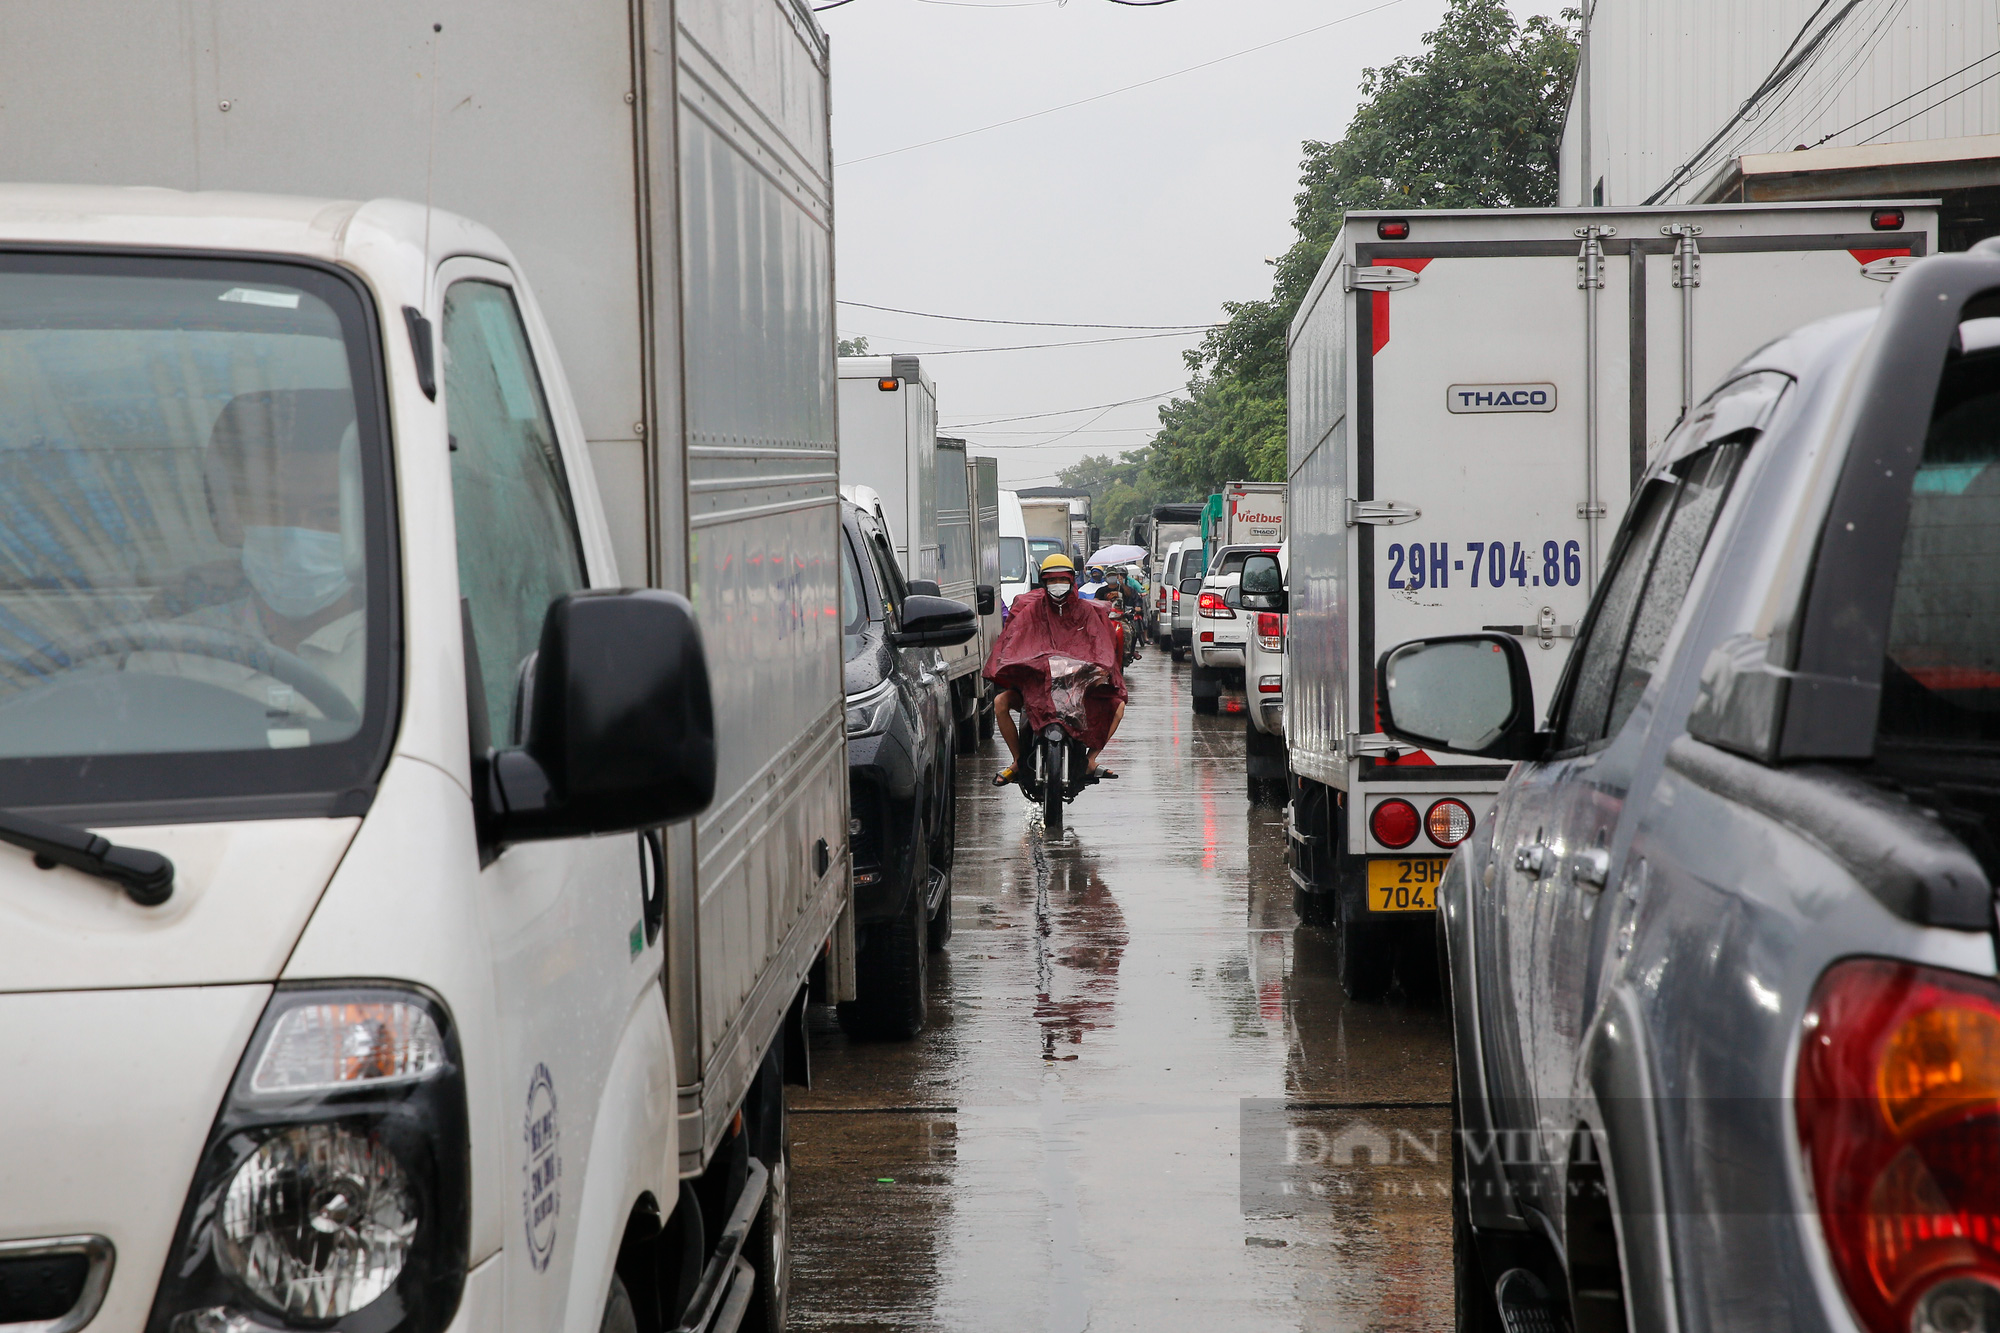 Cảng Hà Nội ùn tắc kéo dài hàng Km sau khi nới lỏng giãn cách  - Ảnh 2.